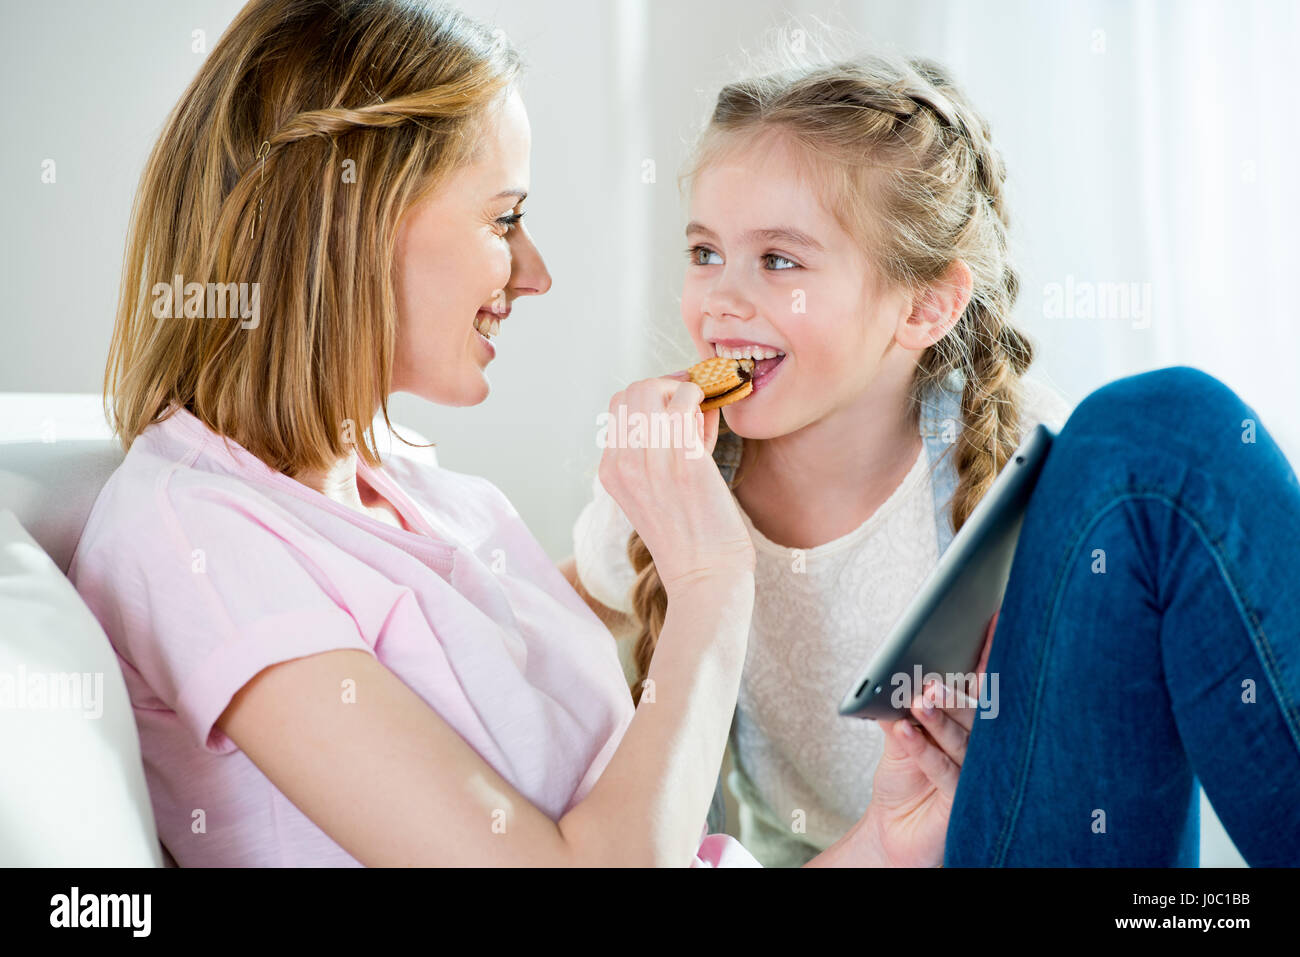 Glückliche Mutter Tochter mit Cookie zu füttern, während der Verwendung von digital-Tablette Stockbild